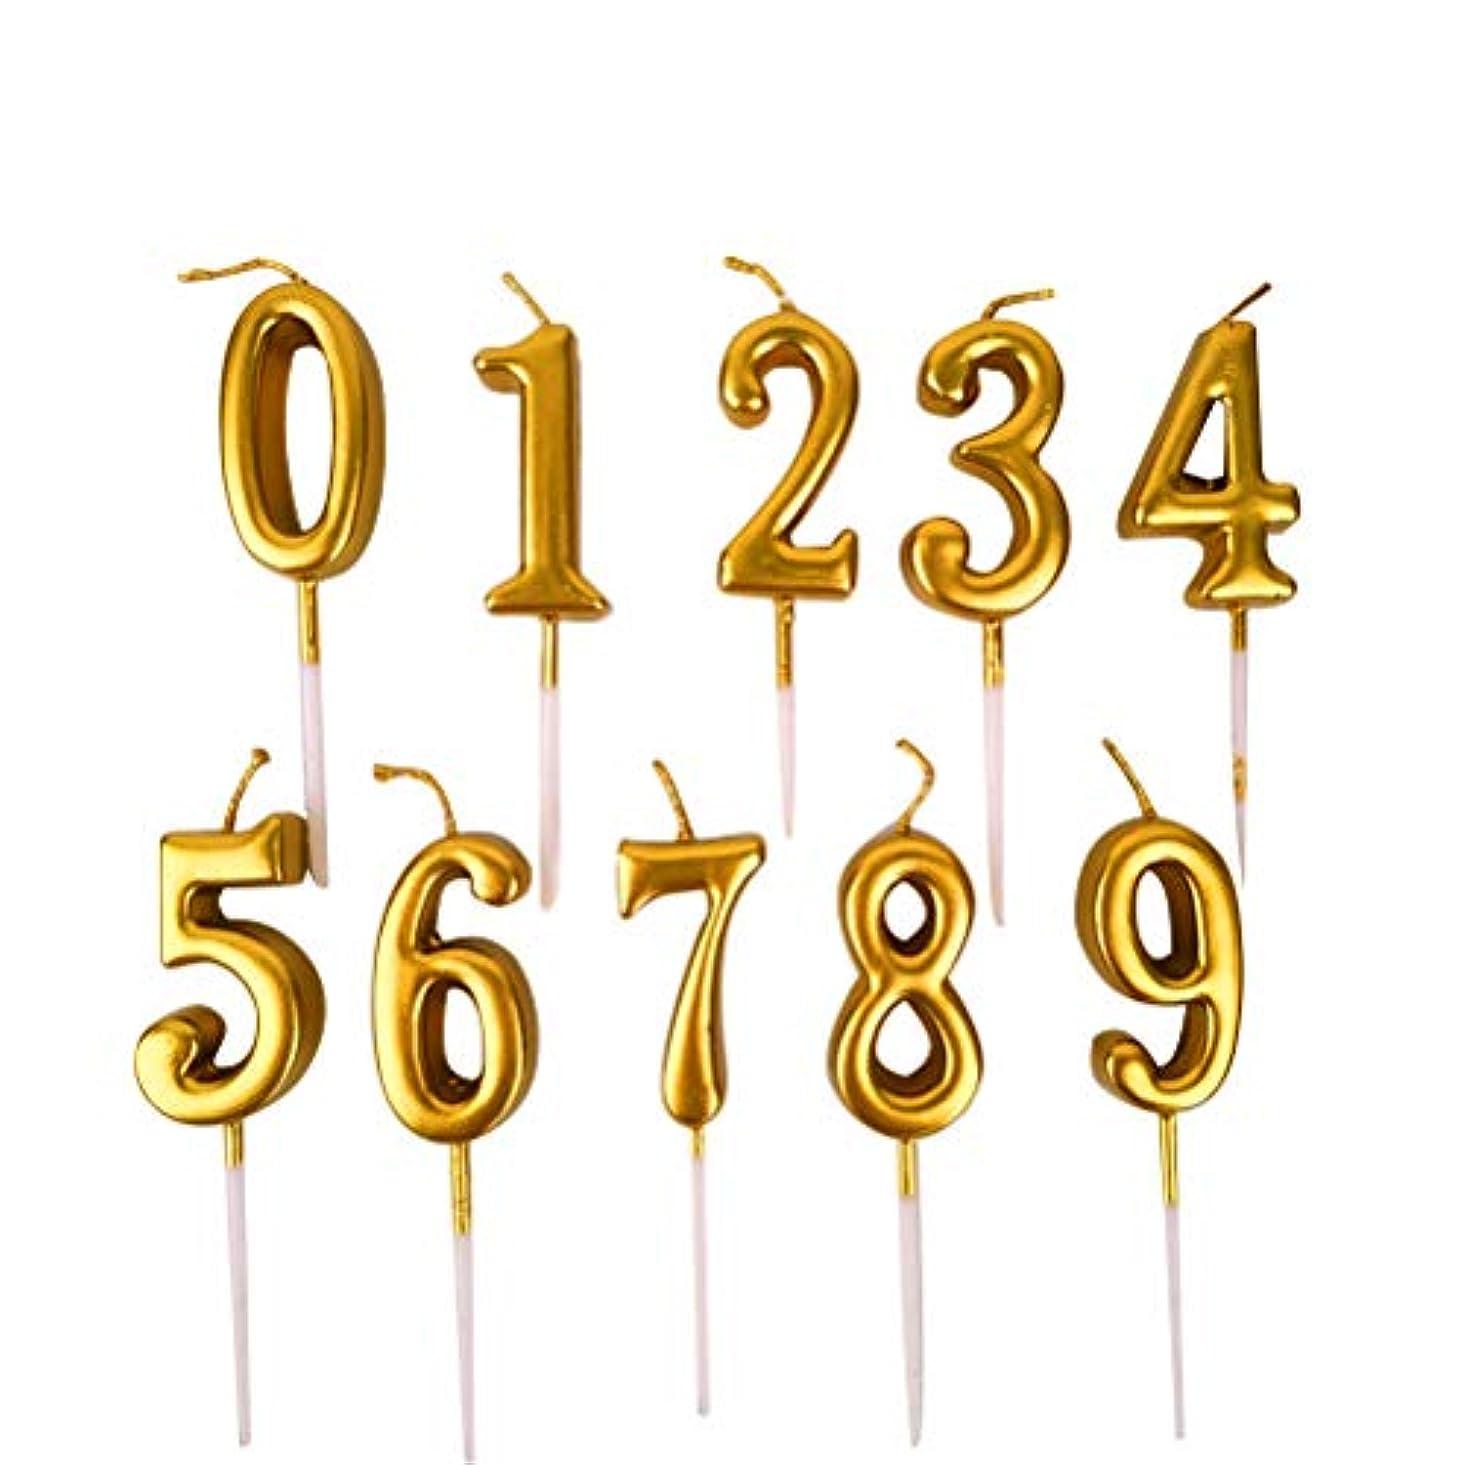 無視世代番目NUOBESTY 誕生日数字キャンドル、10ピース番号0-9グリッターケーキトッパー装飾用誕生日パーティーの好意